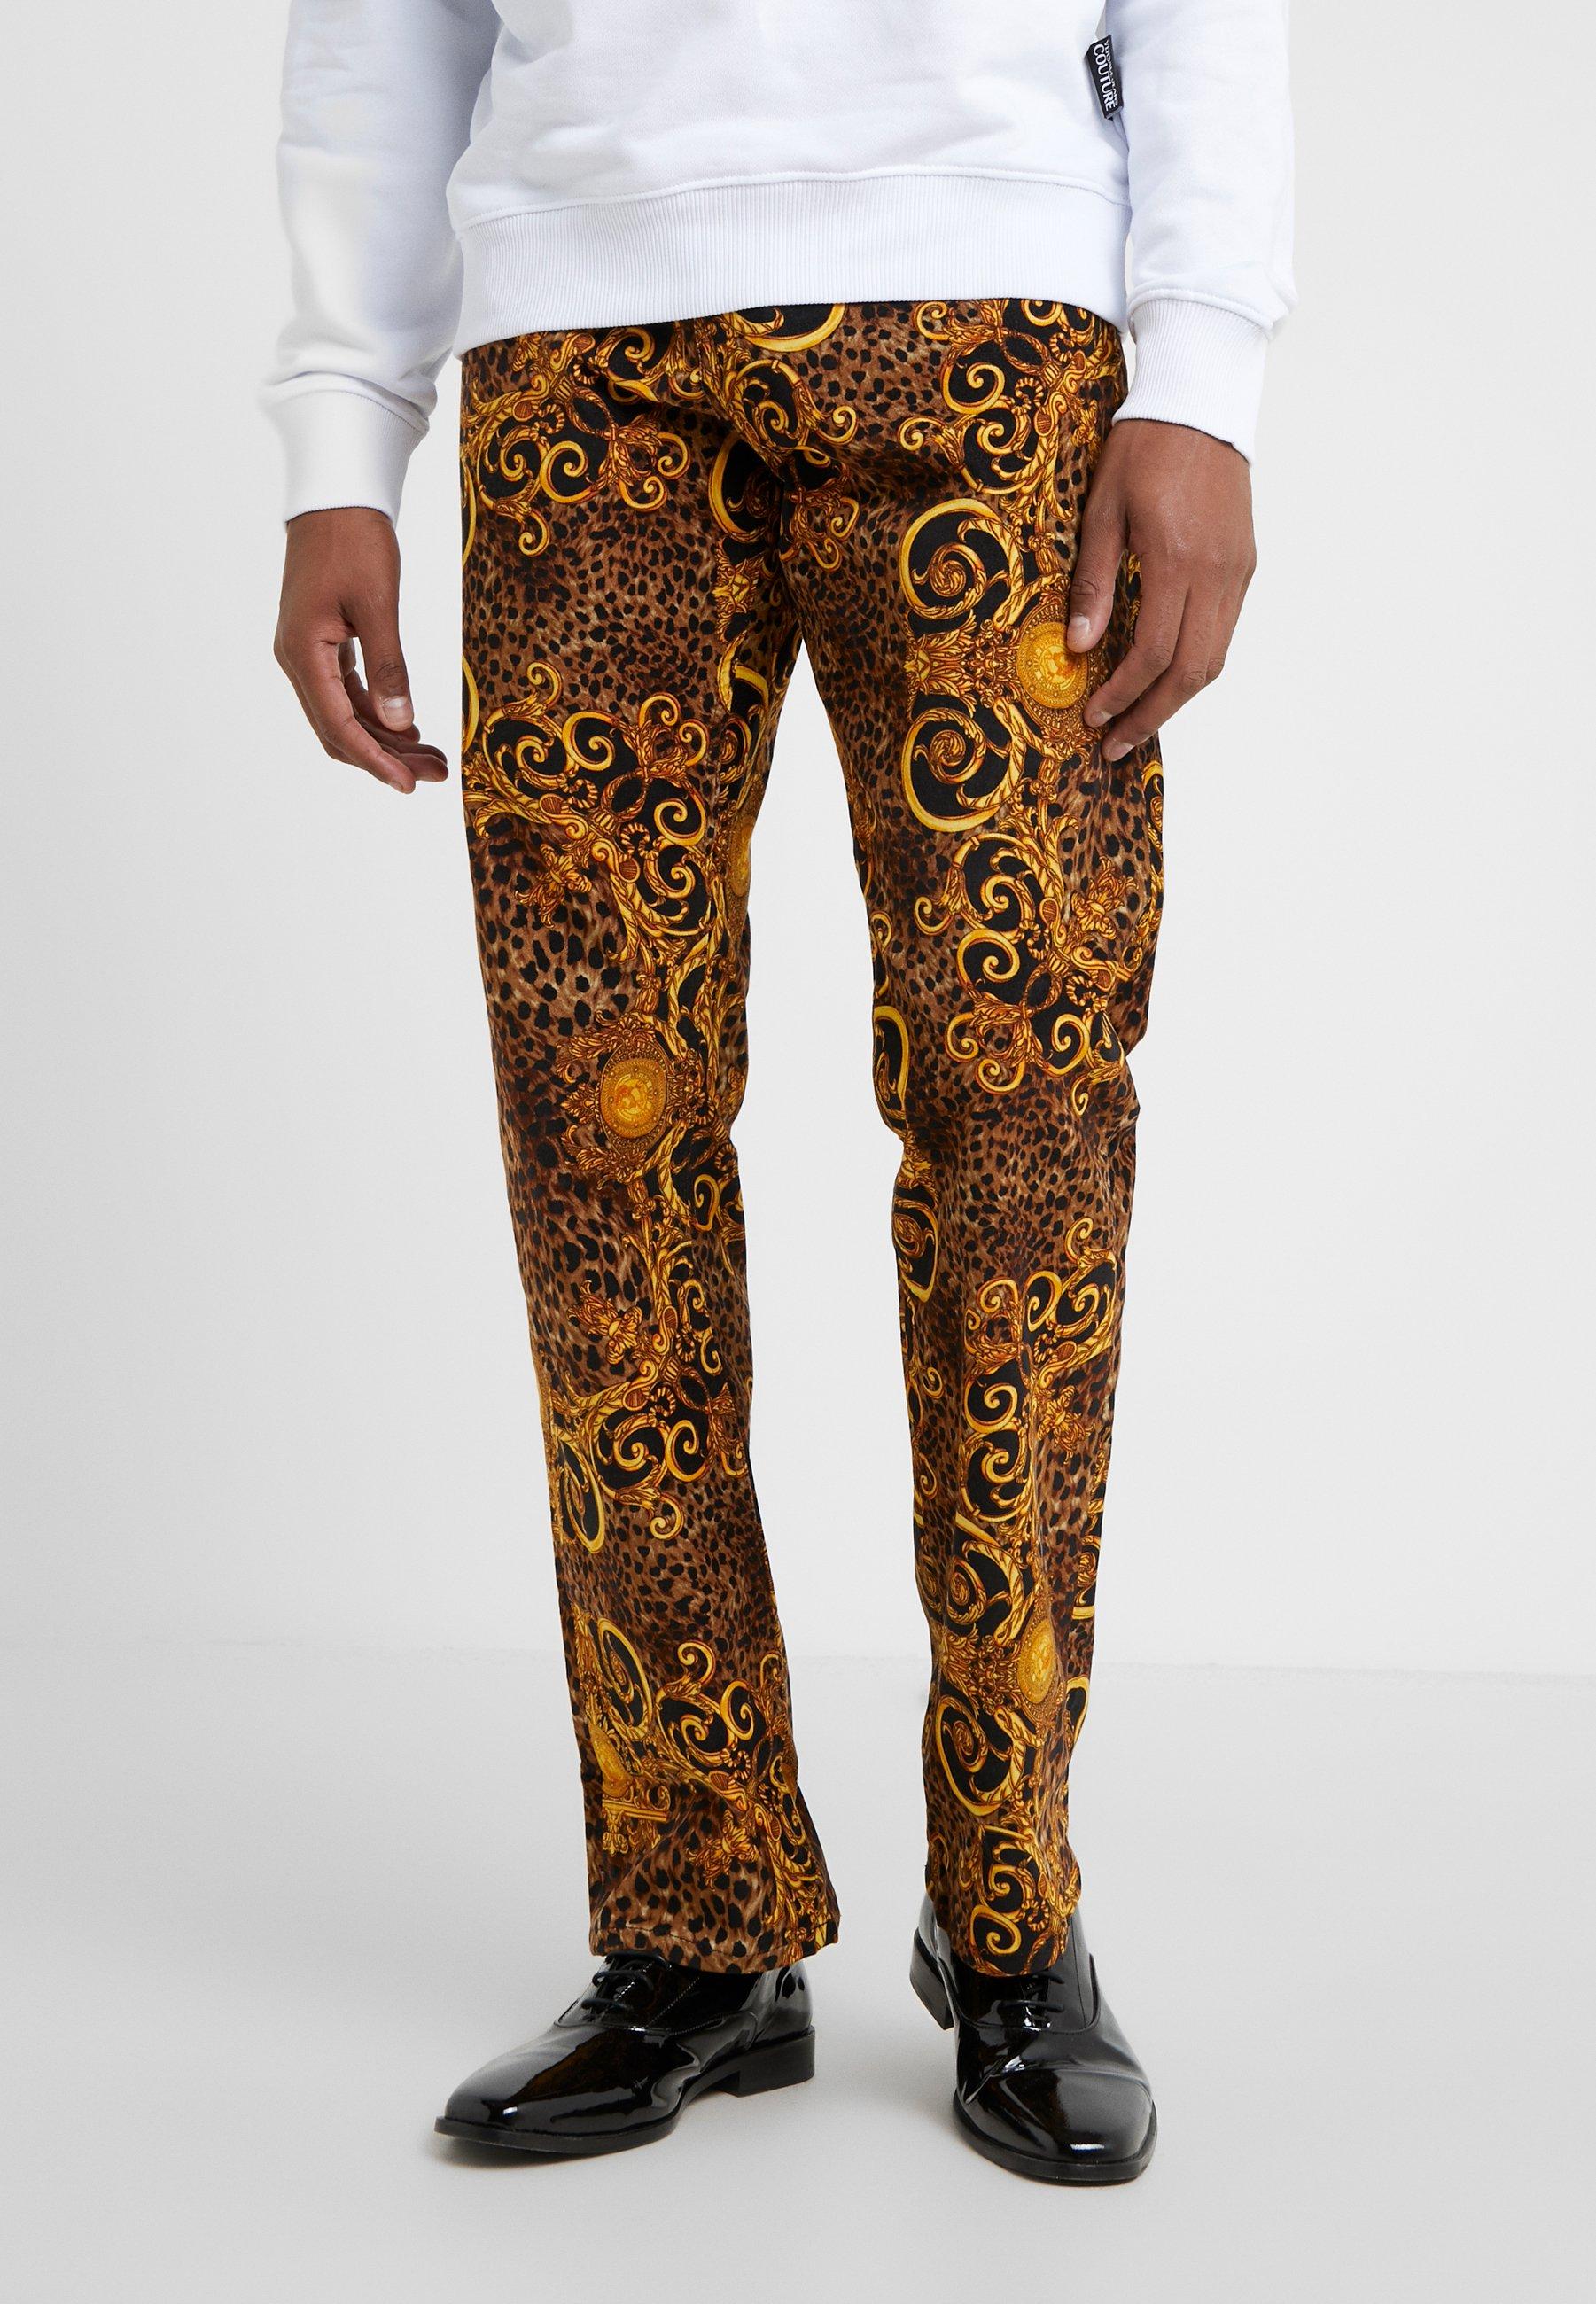 Classique Couture UomoPantalon Versace Gold Pantaloni Jeans QrExBedoCW